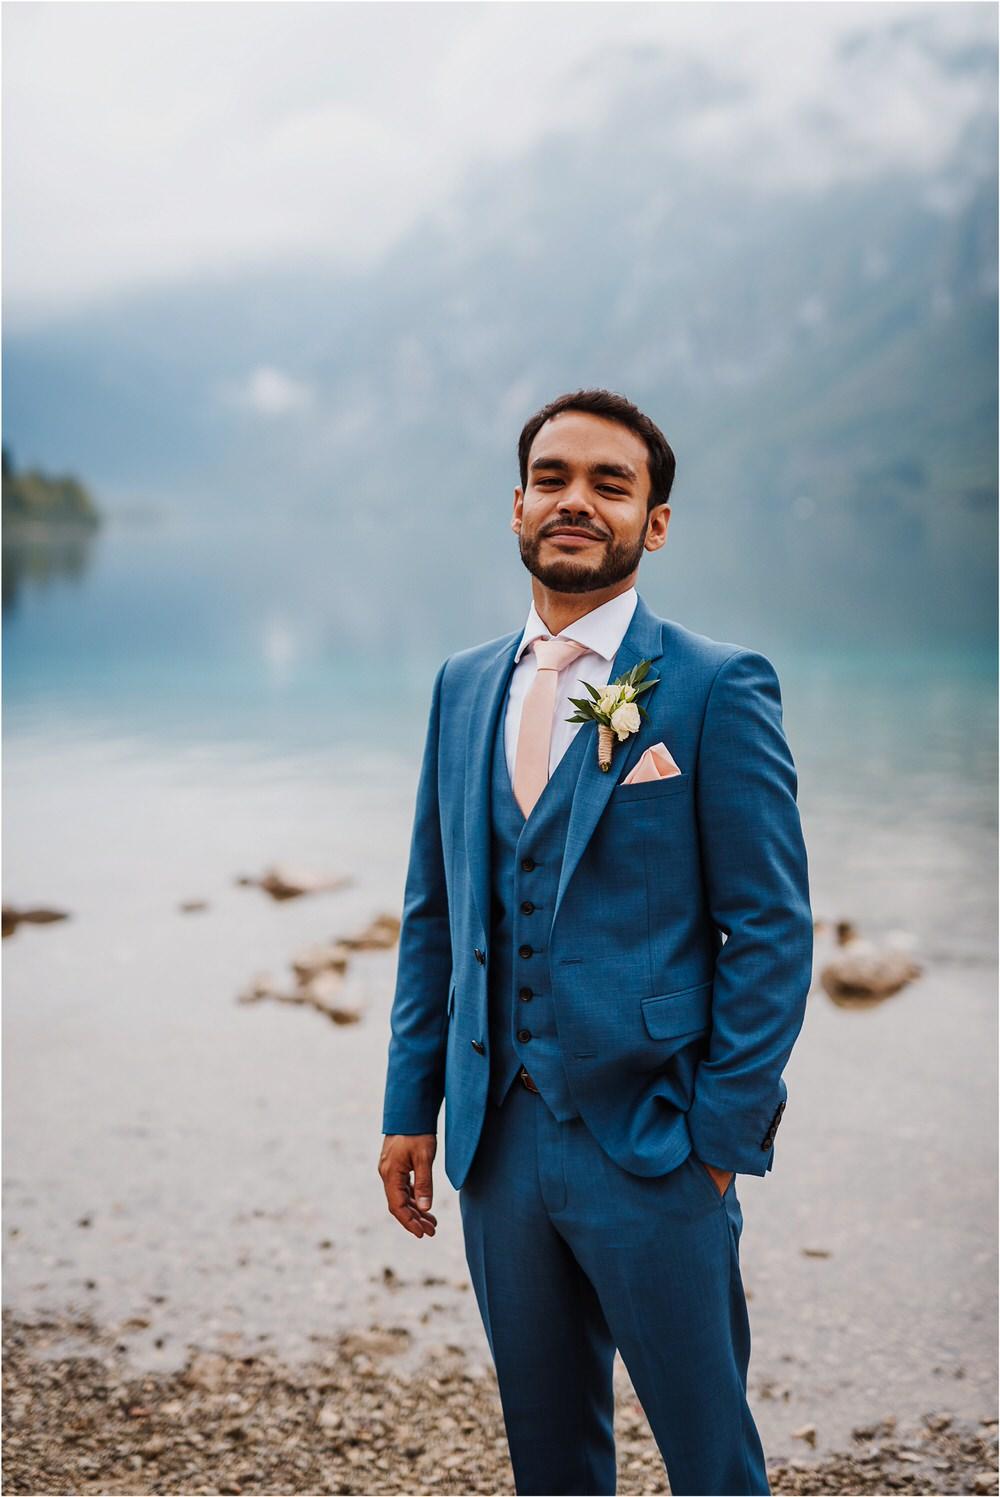 bohinj lake wedding boho chic rustic poroka bohinjsko jezero rustikalna fotograf fotografiranje poročni 0059.jpg